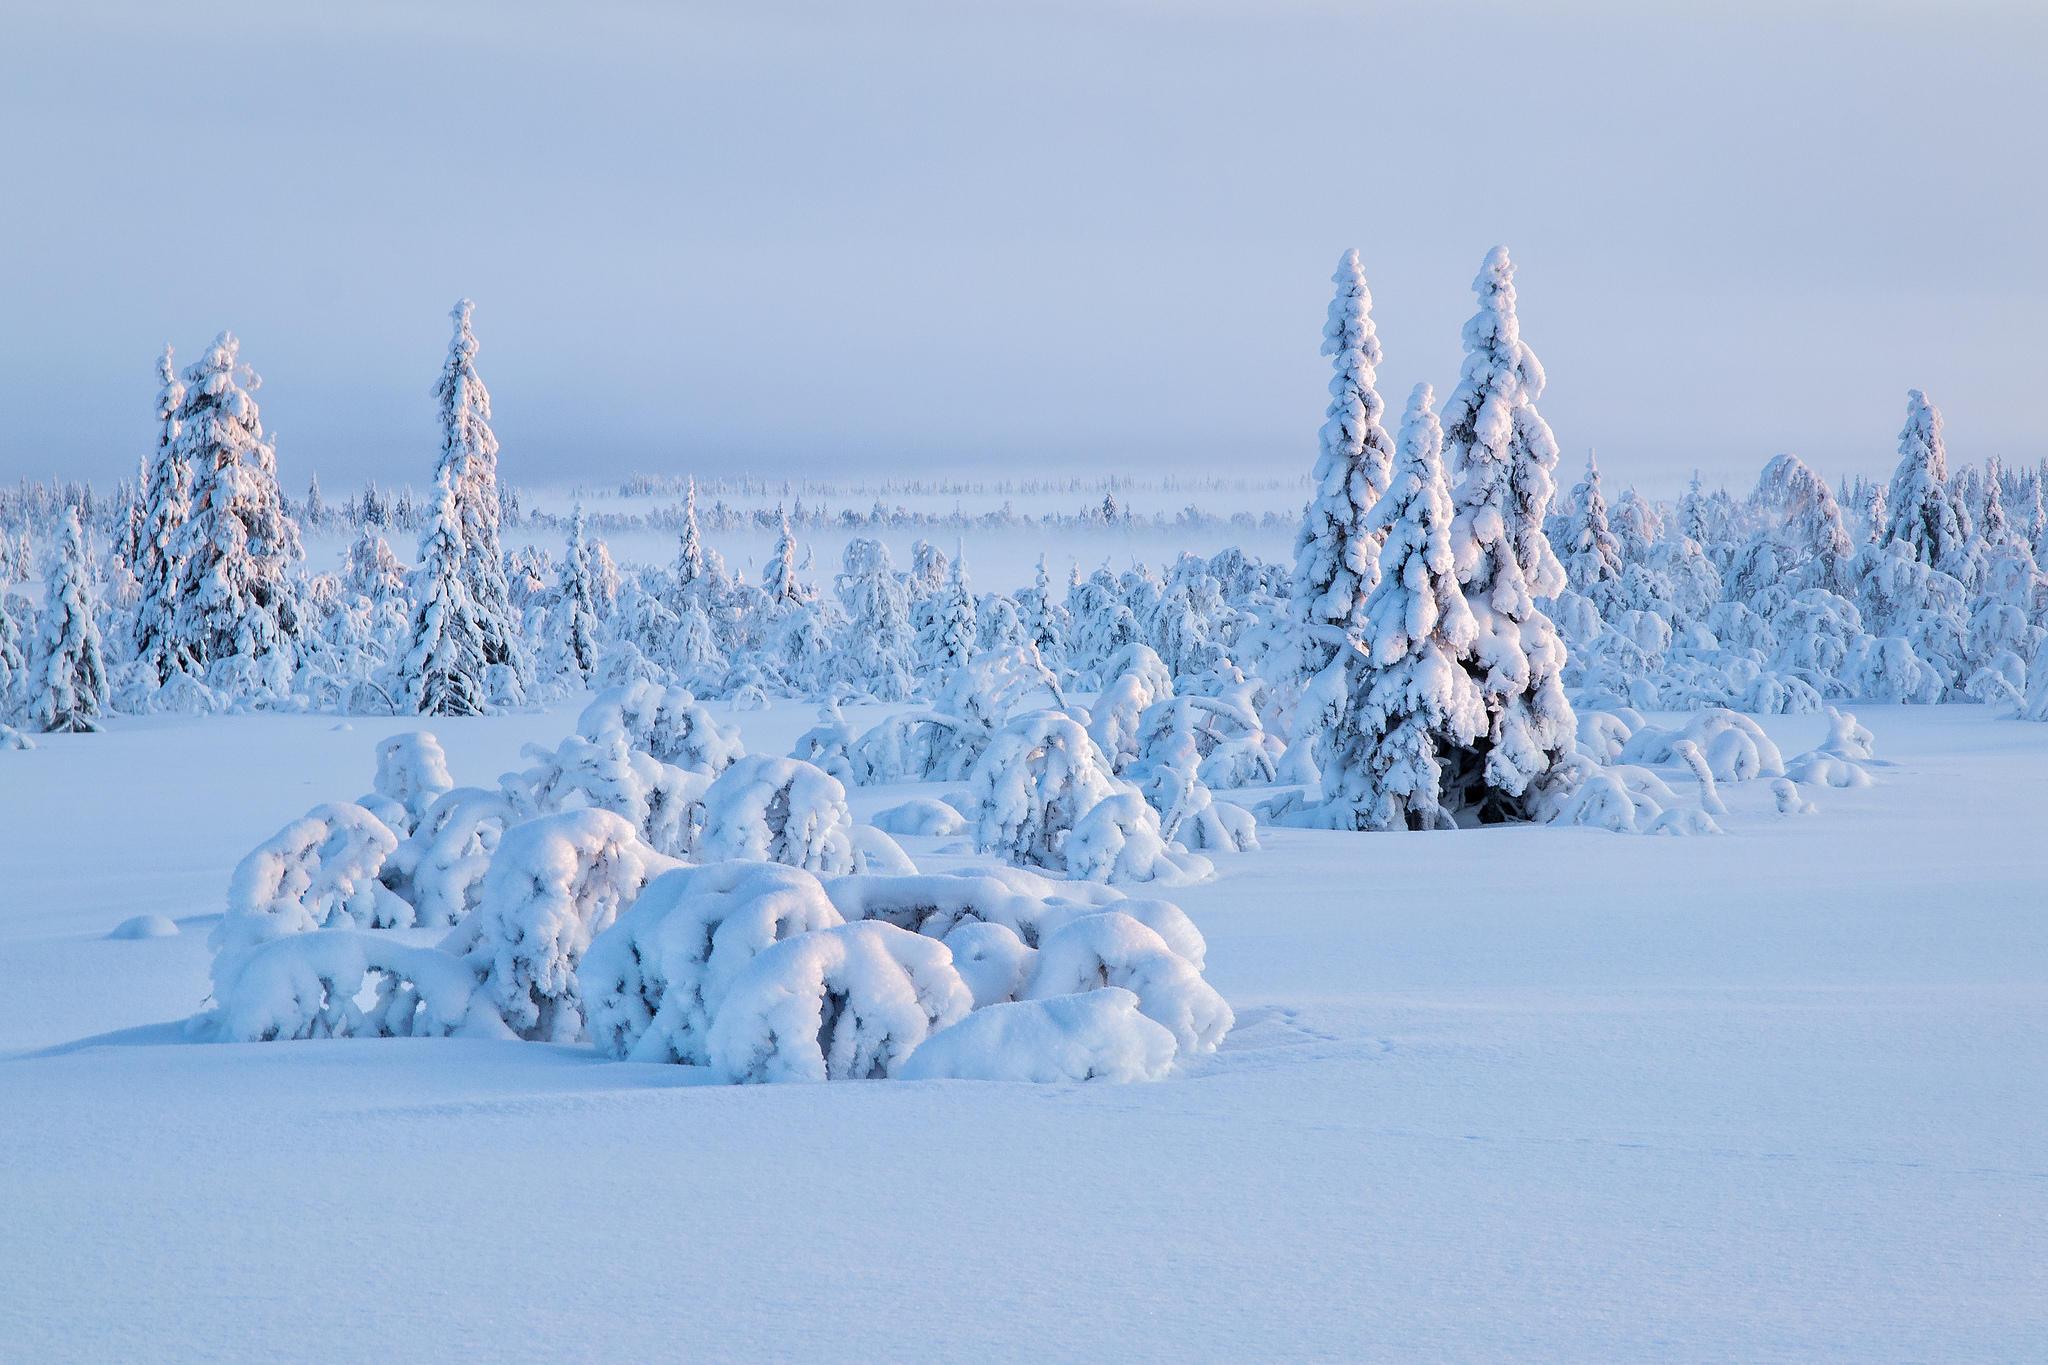 ели снег зима ate snow winter без смс